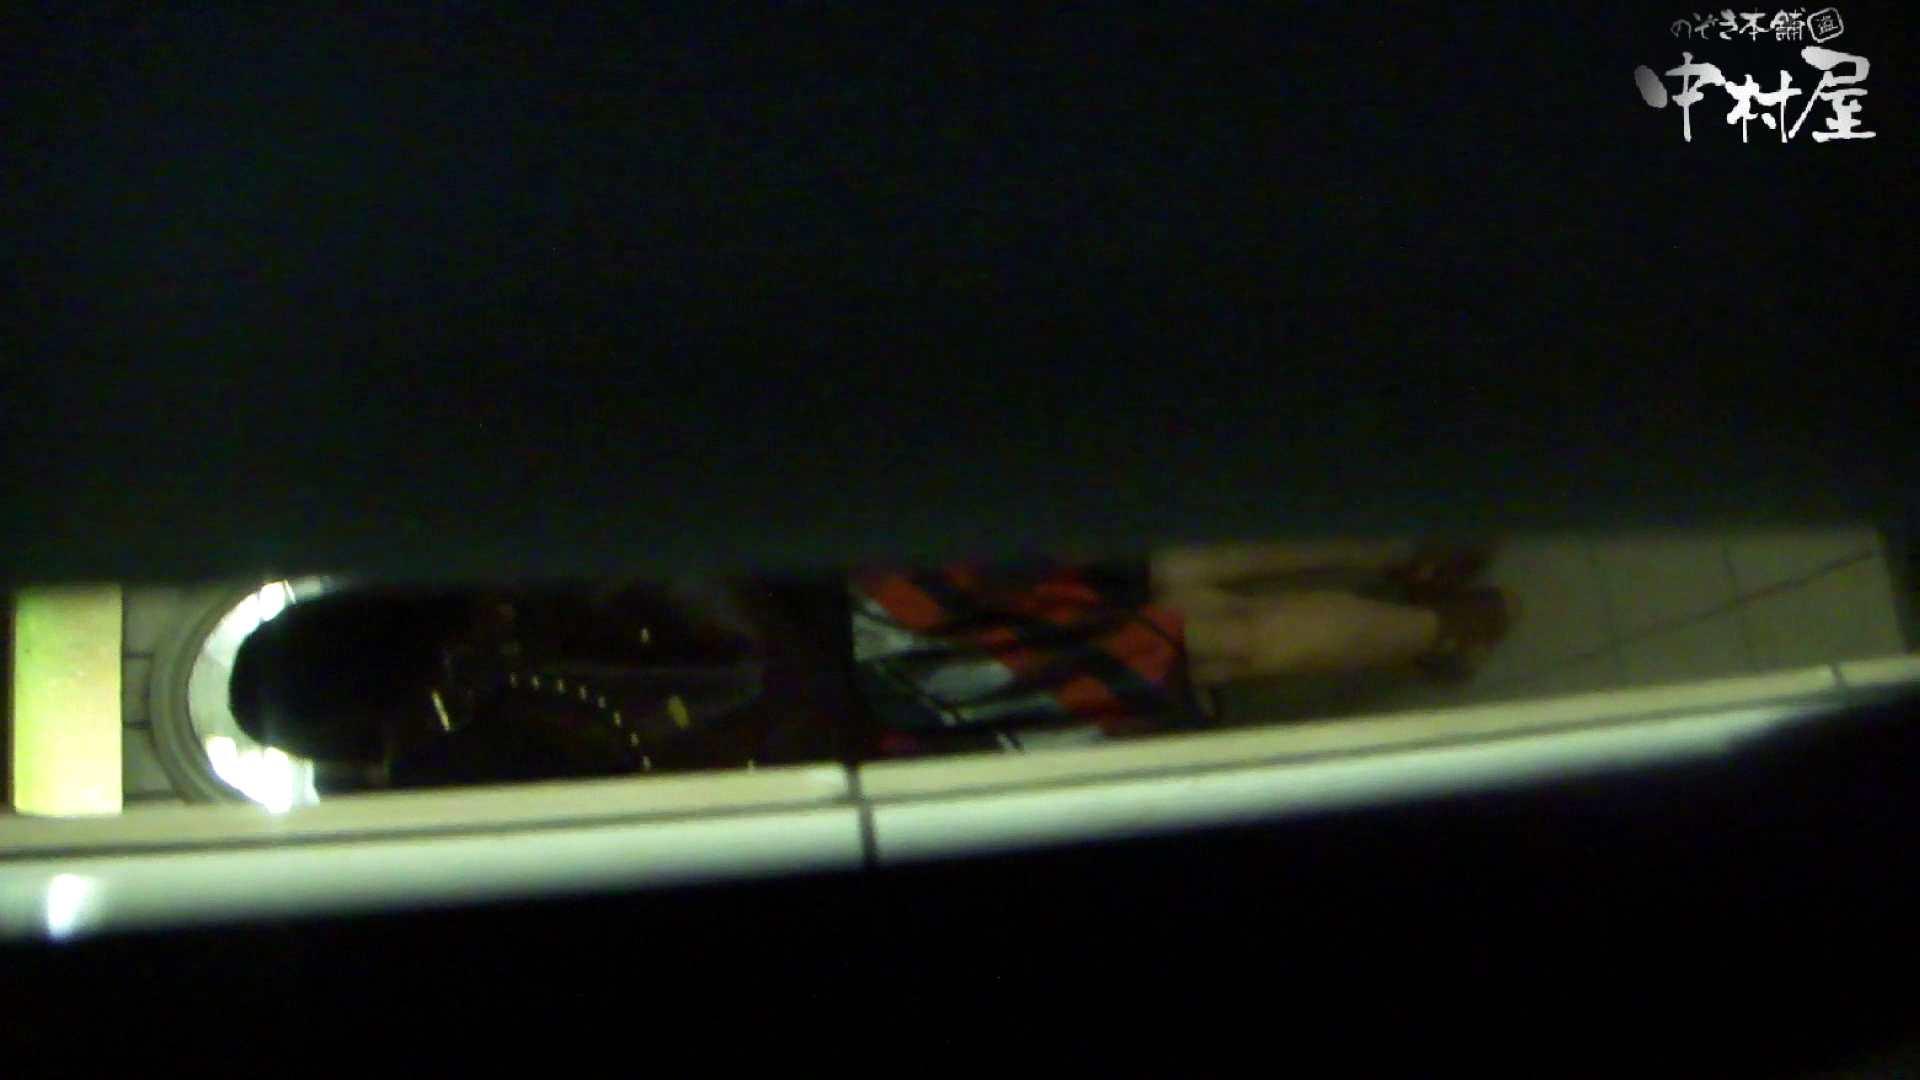 【美人が集まるファッションショッピングセンター洗面所盗SATU】ギャルのツルピカ潜入盗satu!Vol.09 潜入 | 高画質  88PIX 53